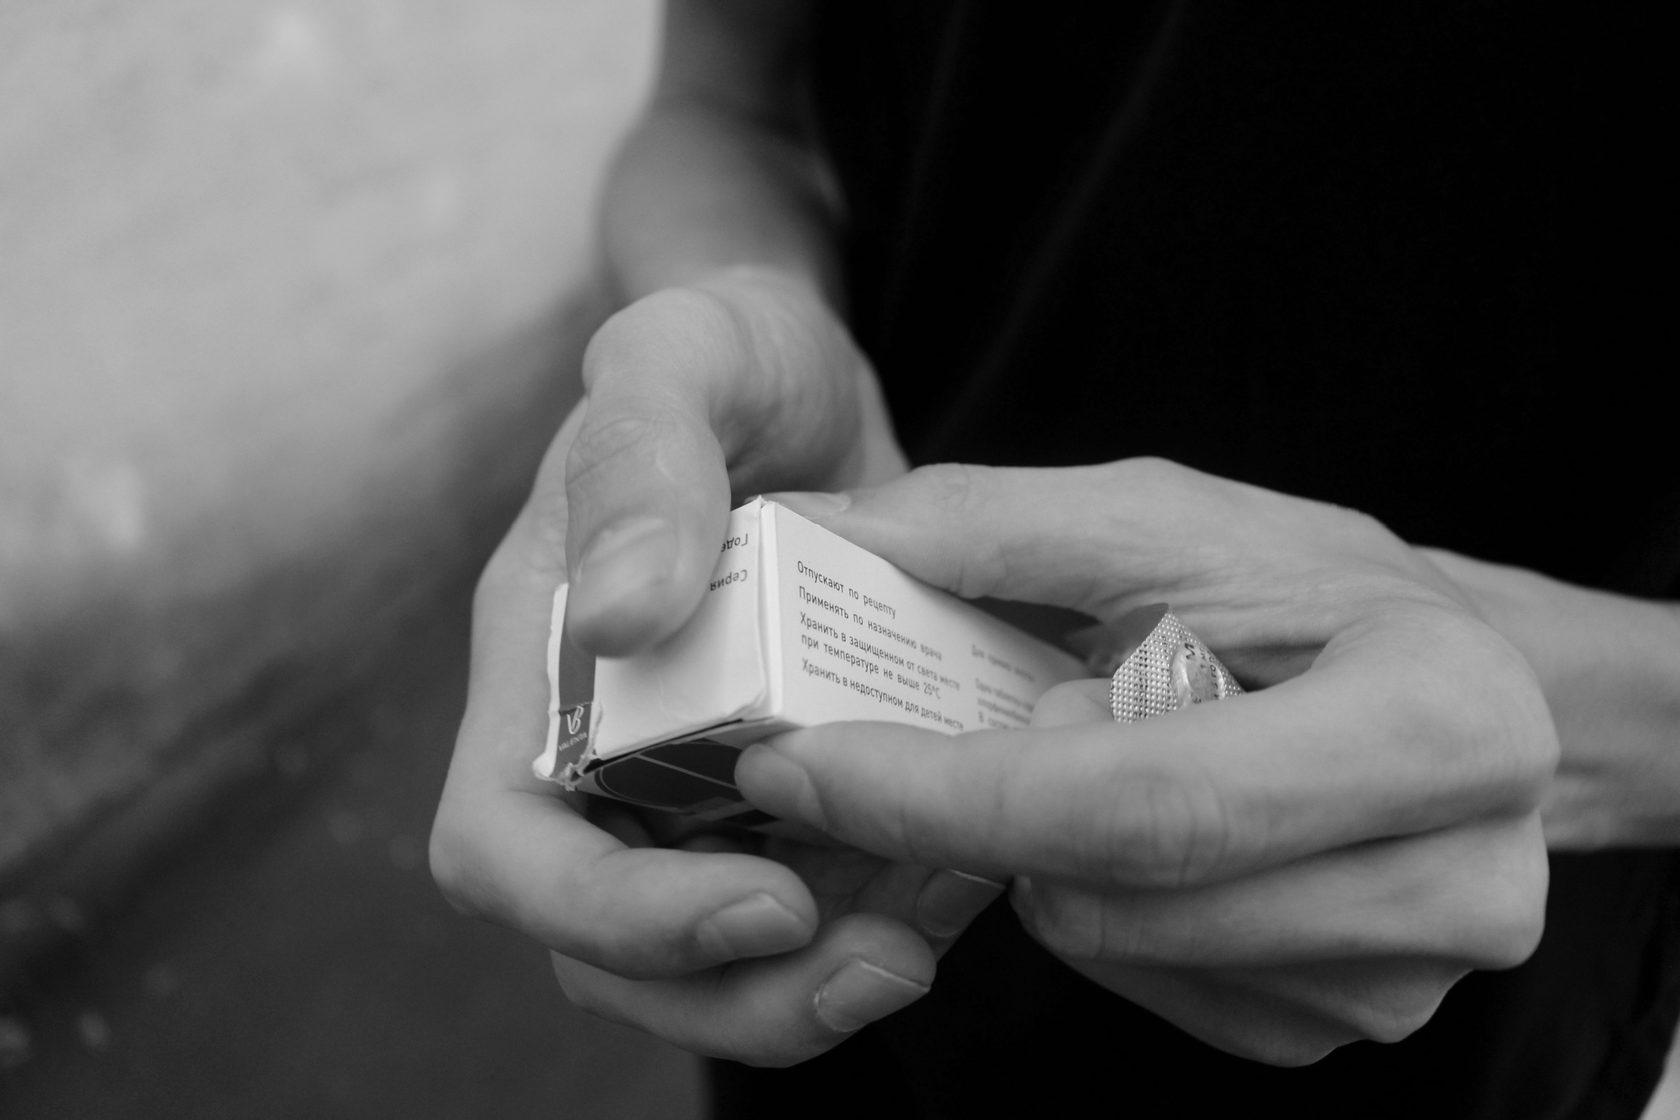 Фотодокументация перформанса «Угасание» («Псы кругом»). 28 июля 2016. Фото: Елена Ямлиханова. Предоставлено художником